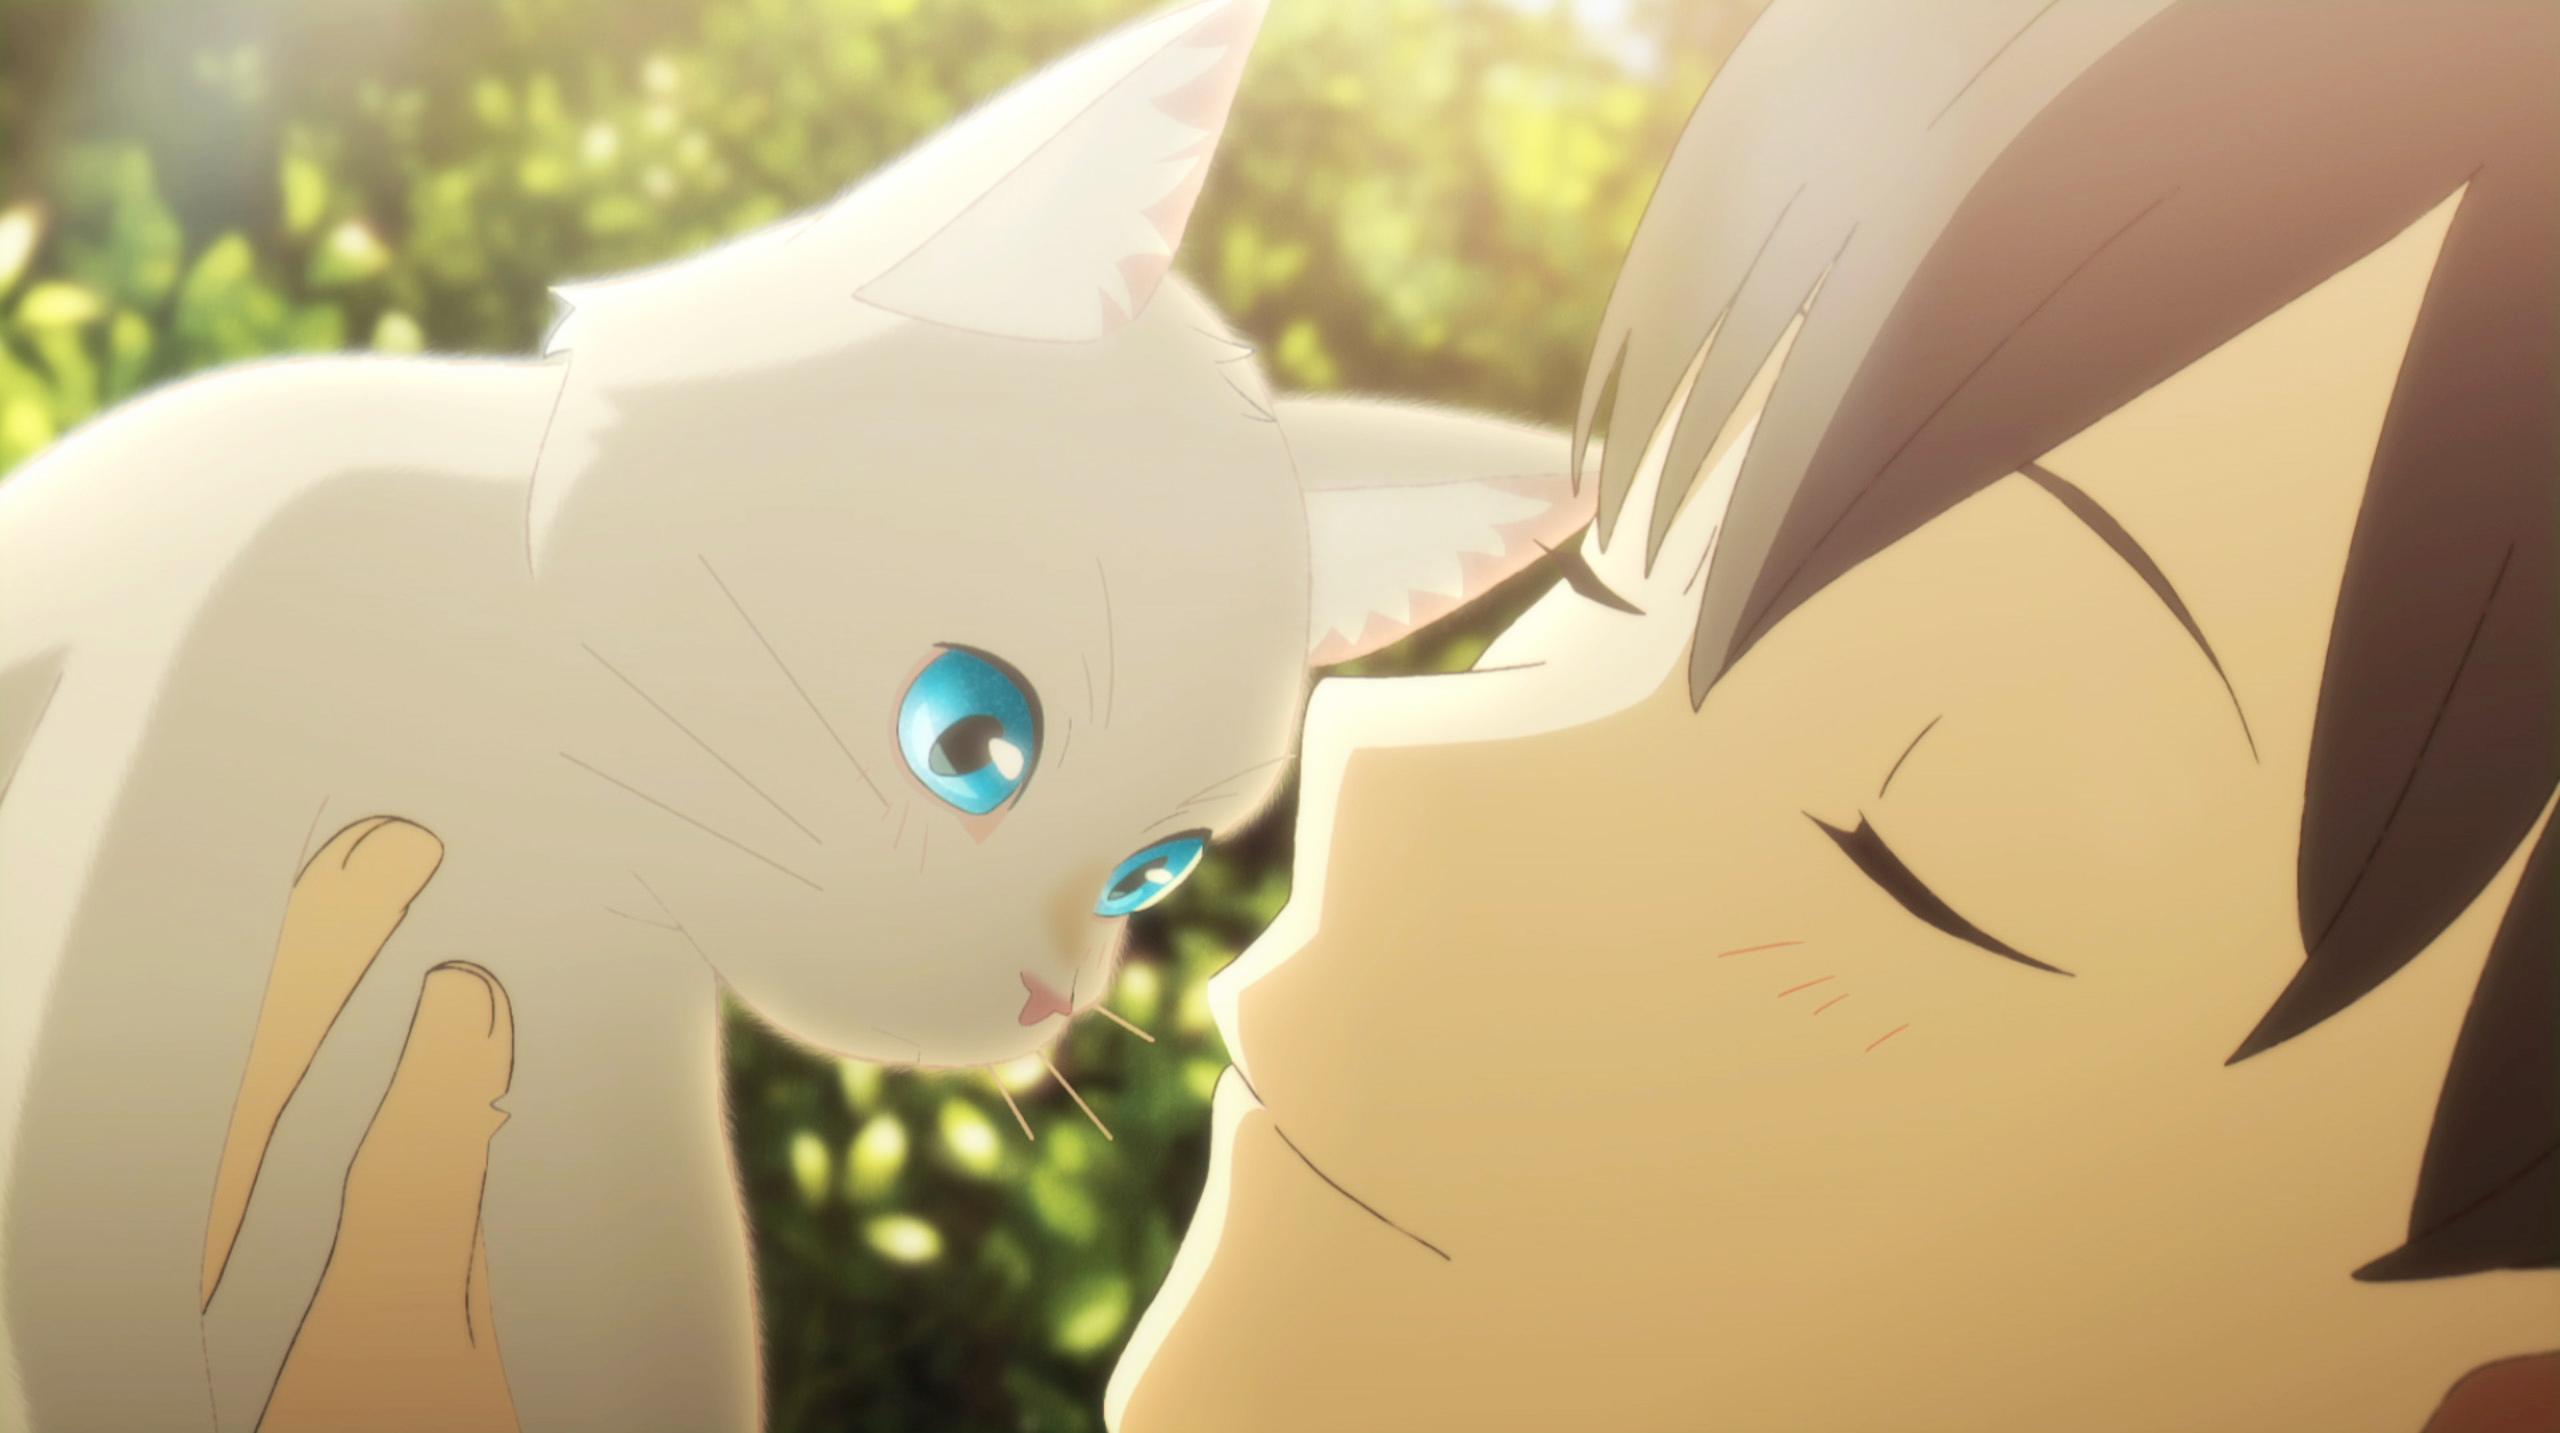 (c) 2020 「泣きたい私は猫をかぶる」製作委員会